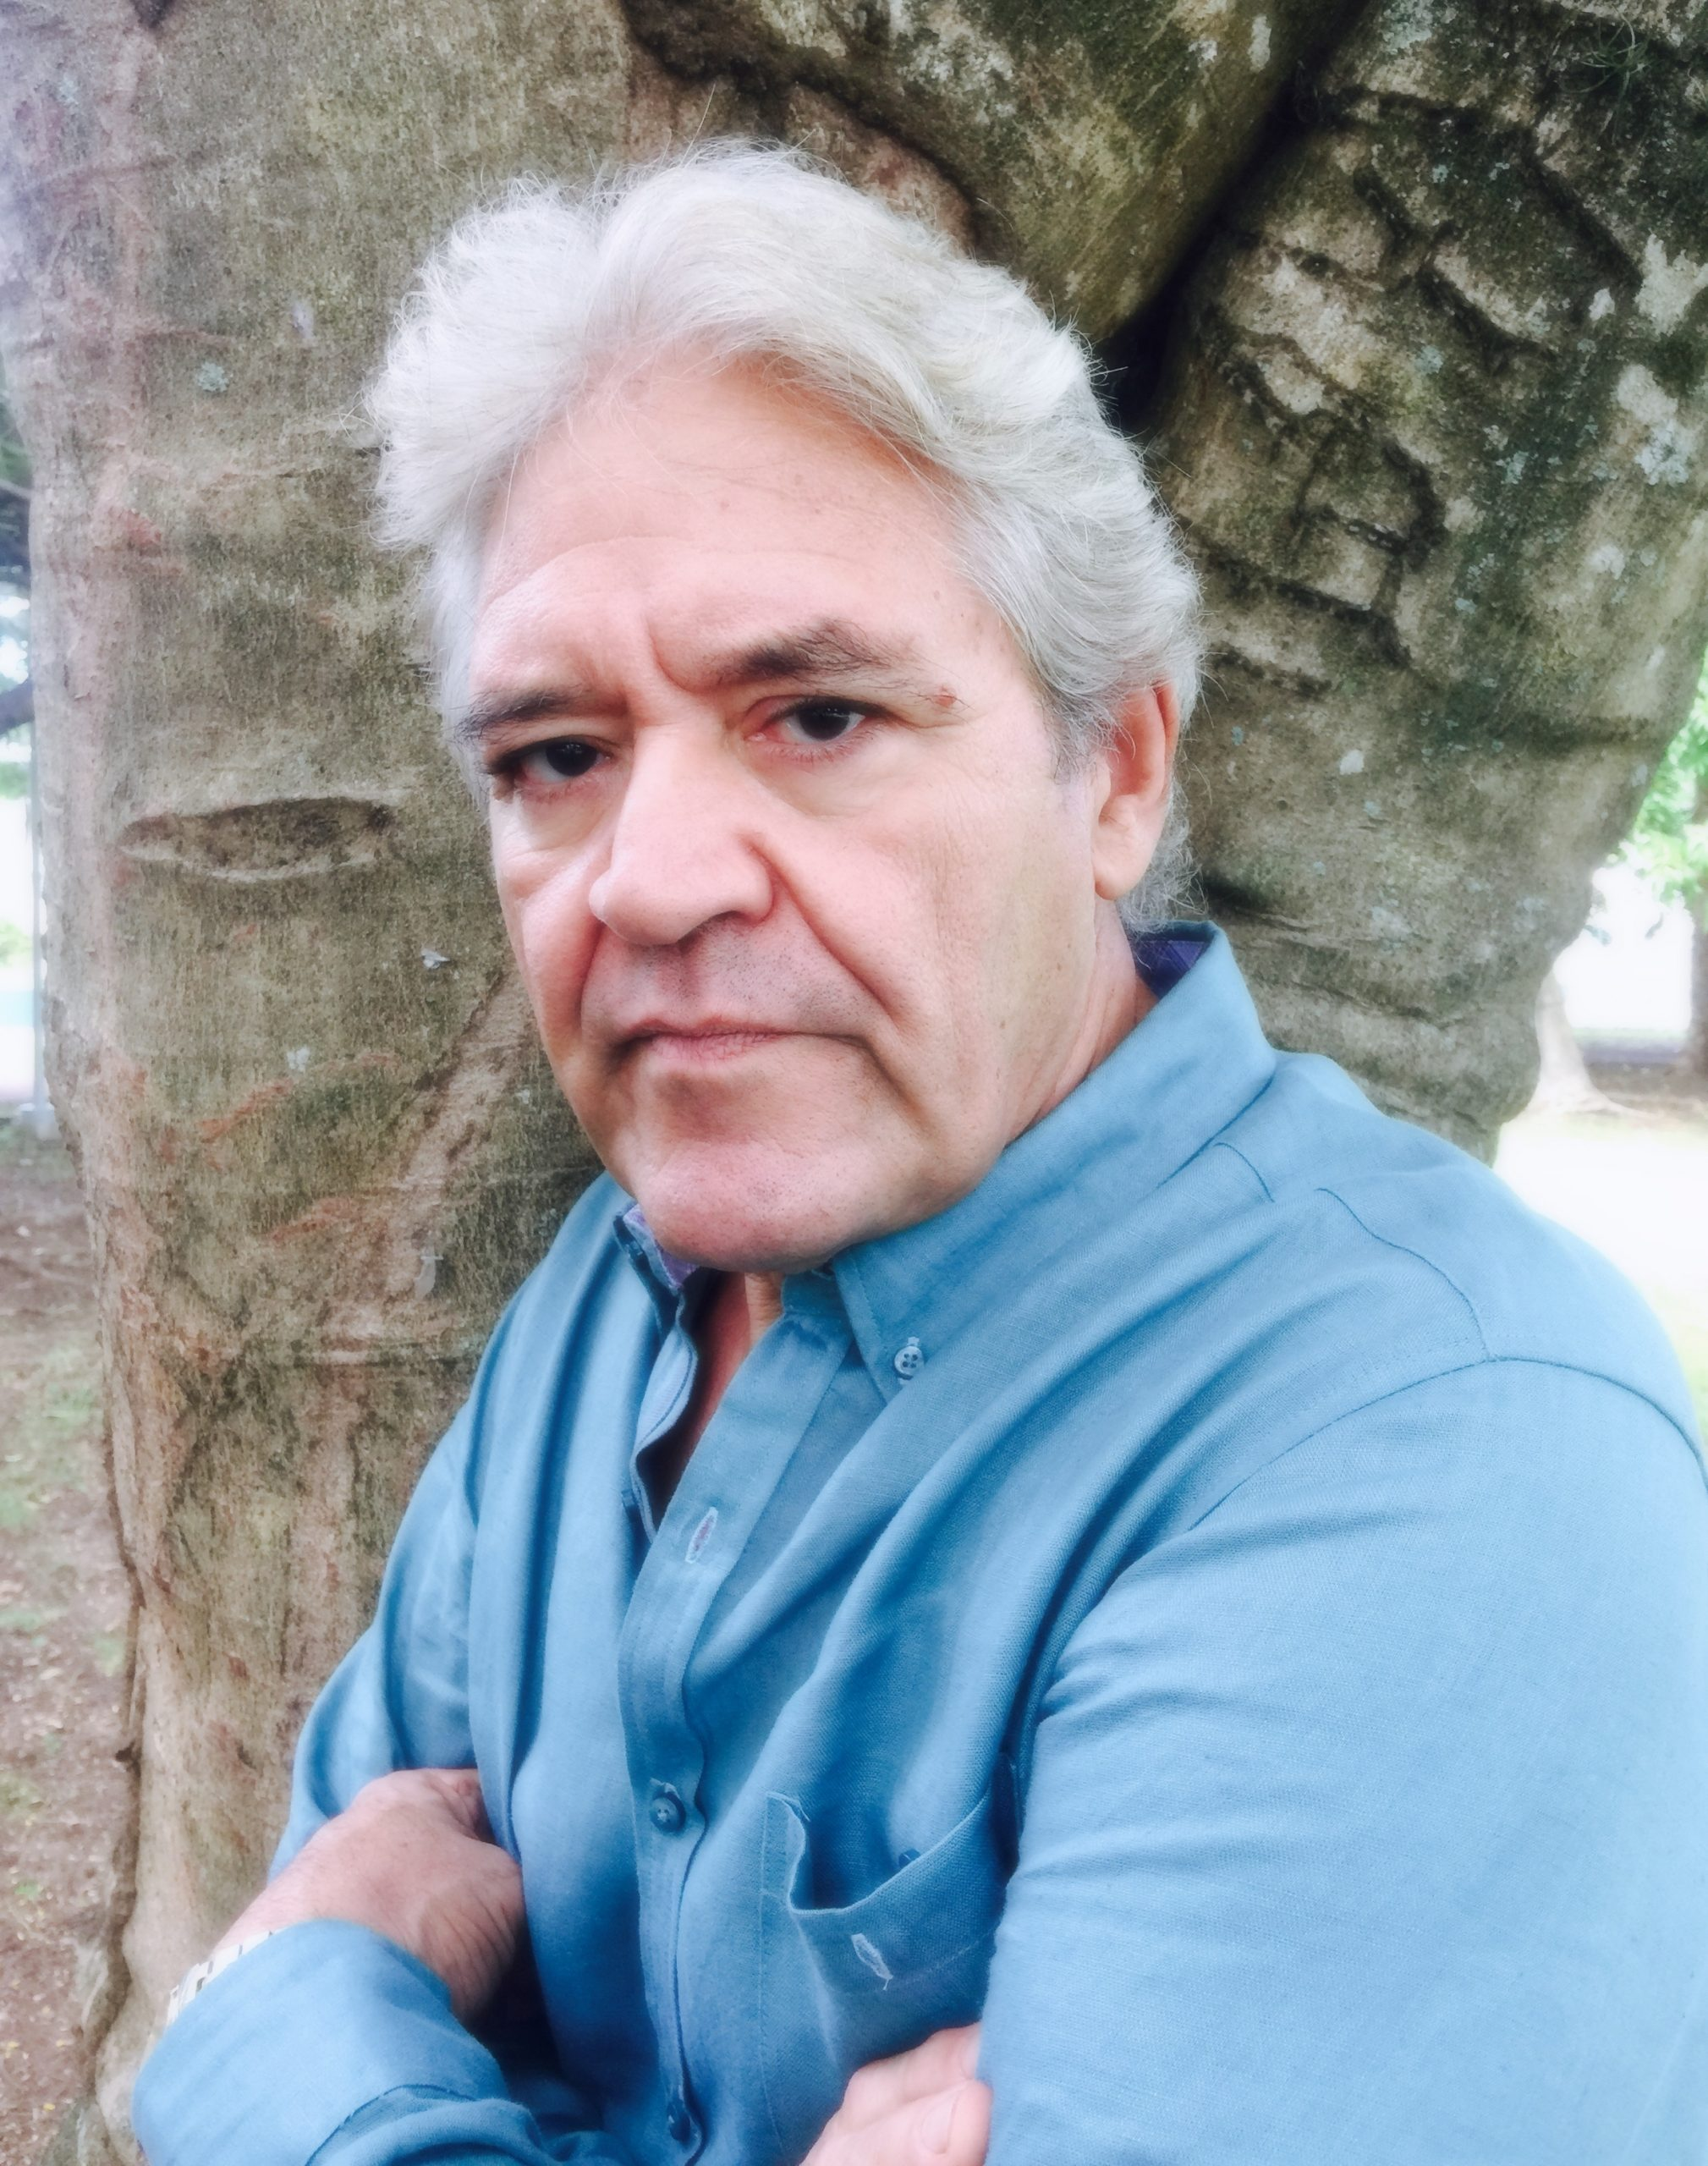 """El actor y cantante edita su disco """"Autorretrato""""' en estos días. (Foto Alina Marrero para Fundación Nacional para la Cultura Popular)"""